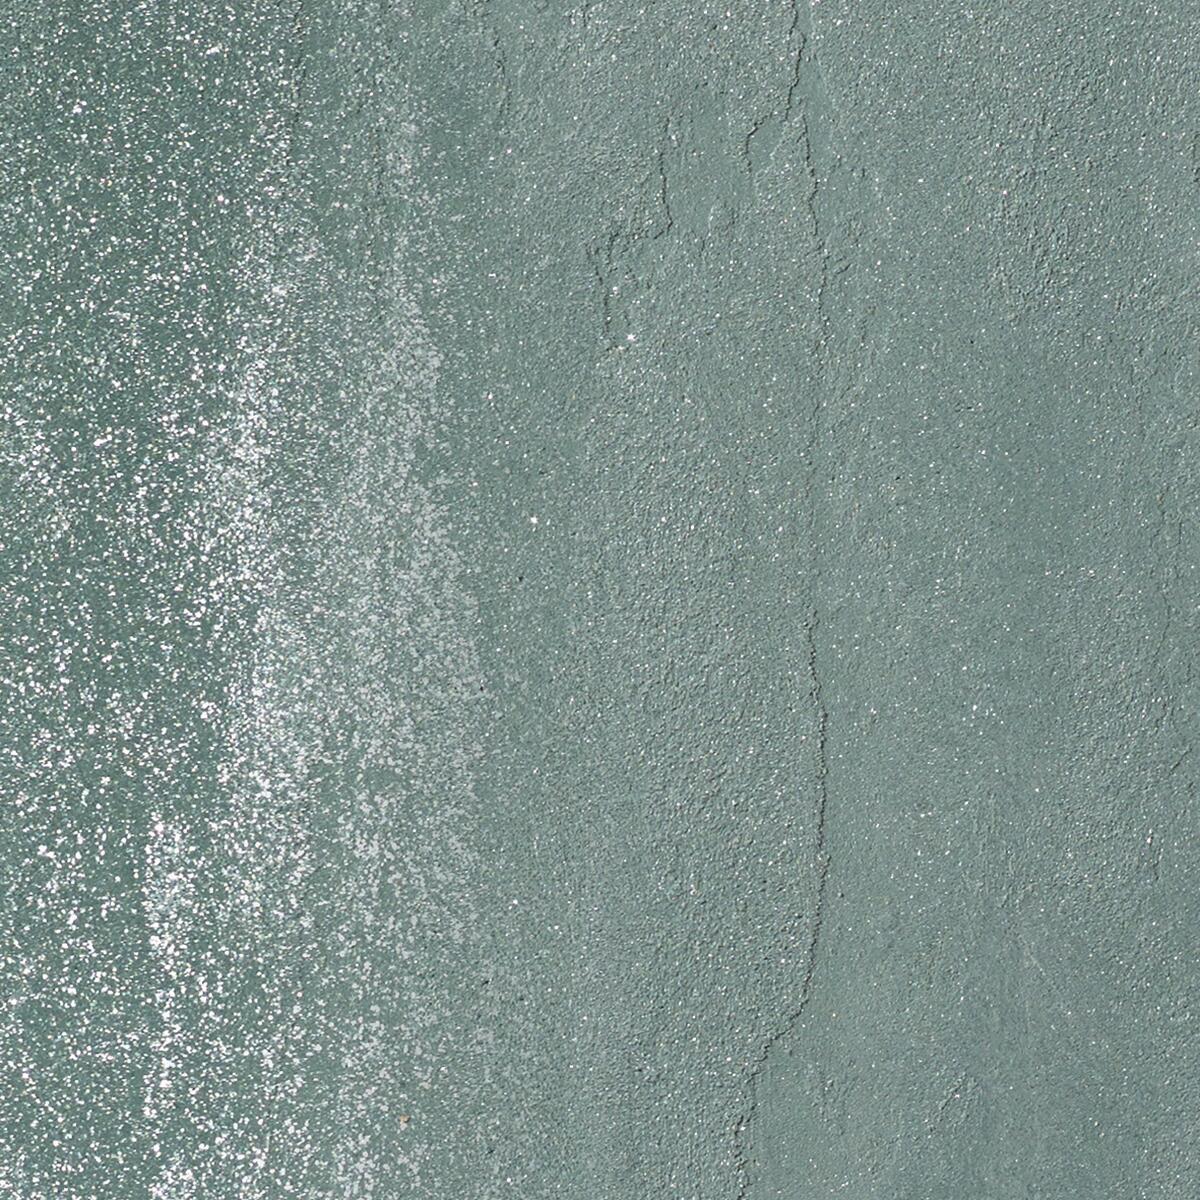 Pittura decorativa LUXENS EFFETTO METALLIZZATO ATERMICO 1 l giada verde effetto metallo - 3